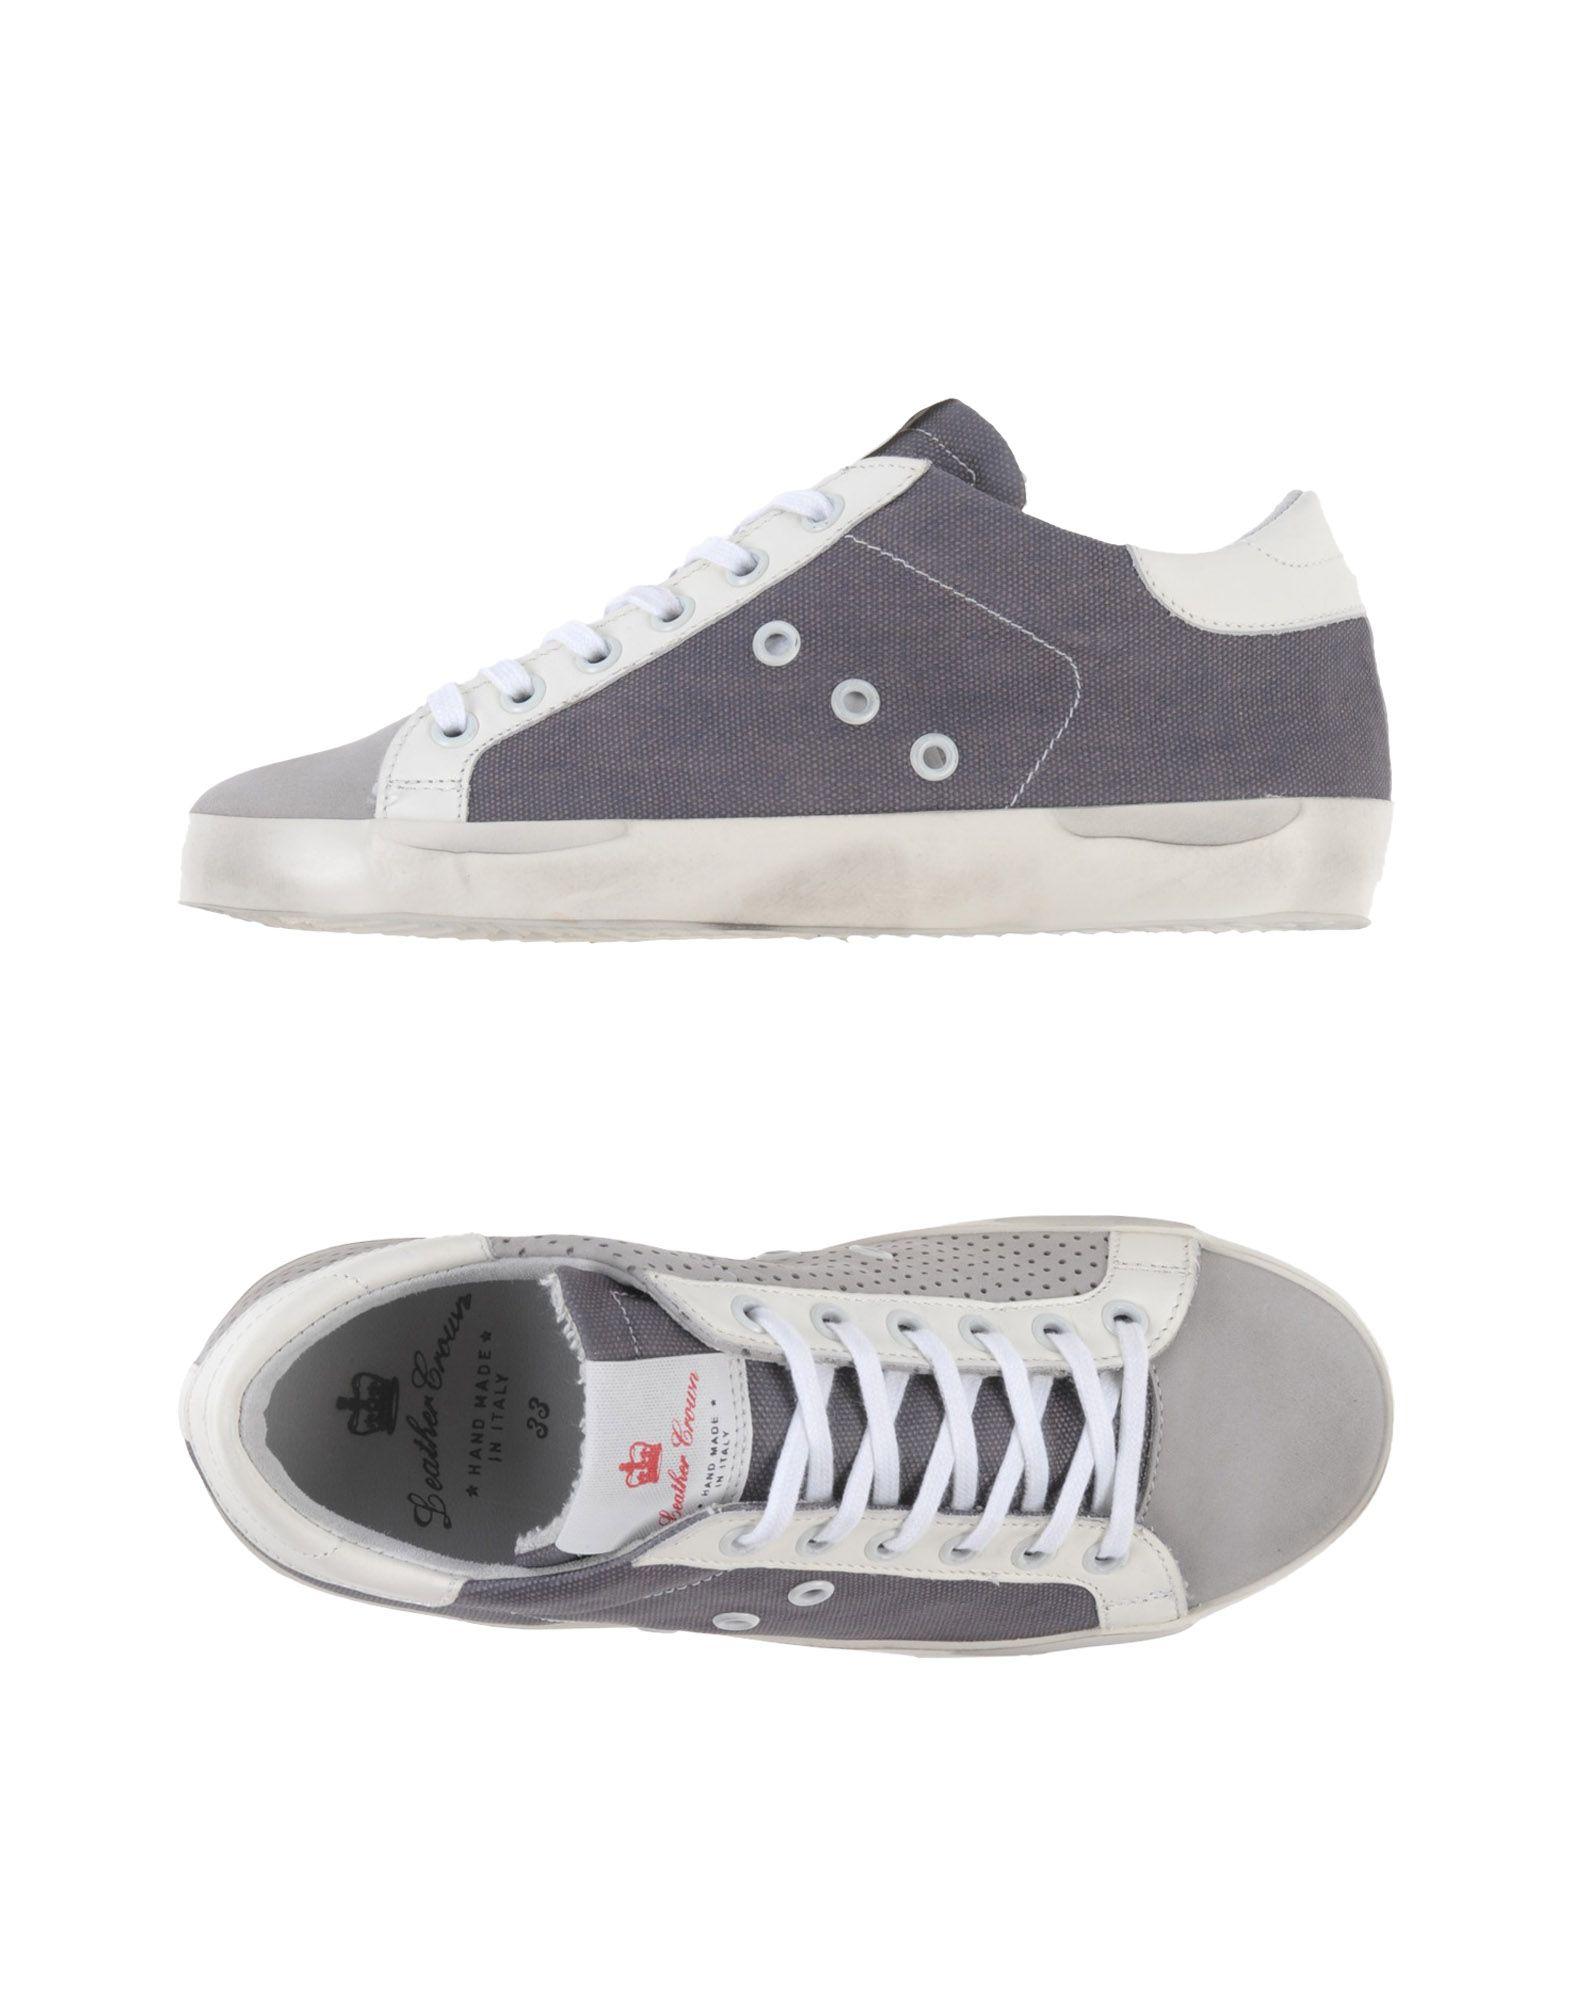 LEATHER CROWN Jungen 9-16 jahre Low Sneakers & Tennisschuhe Farbe Grau Größe 31 jetztbilligerkaufen